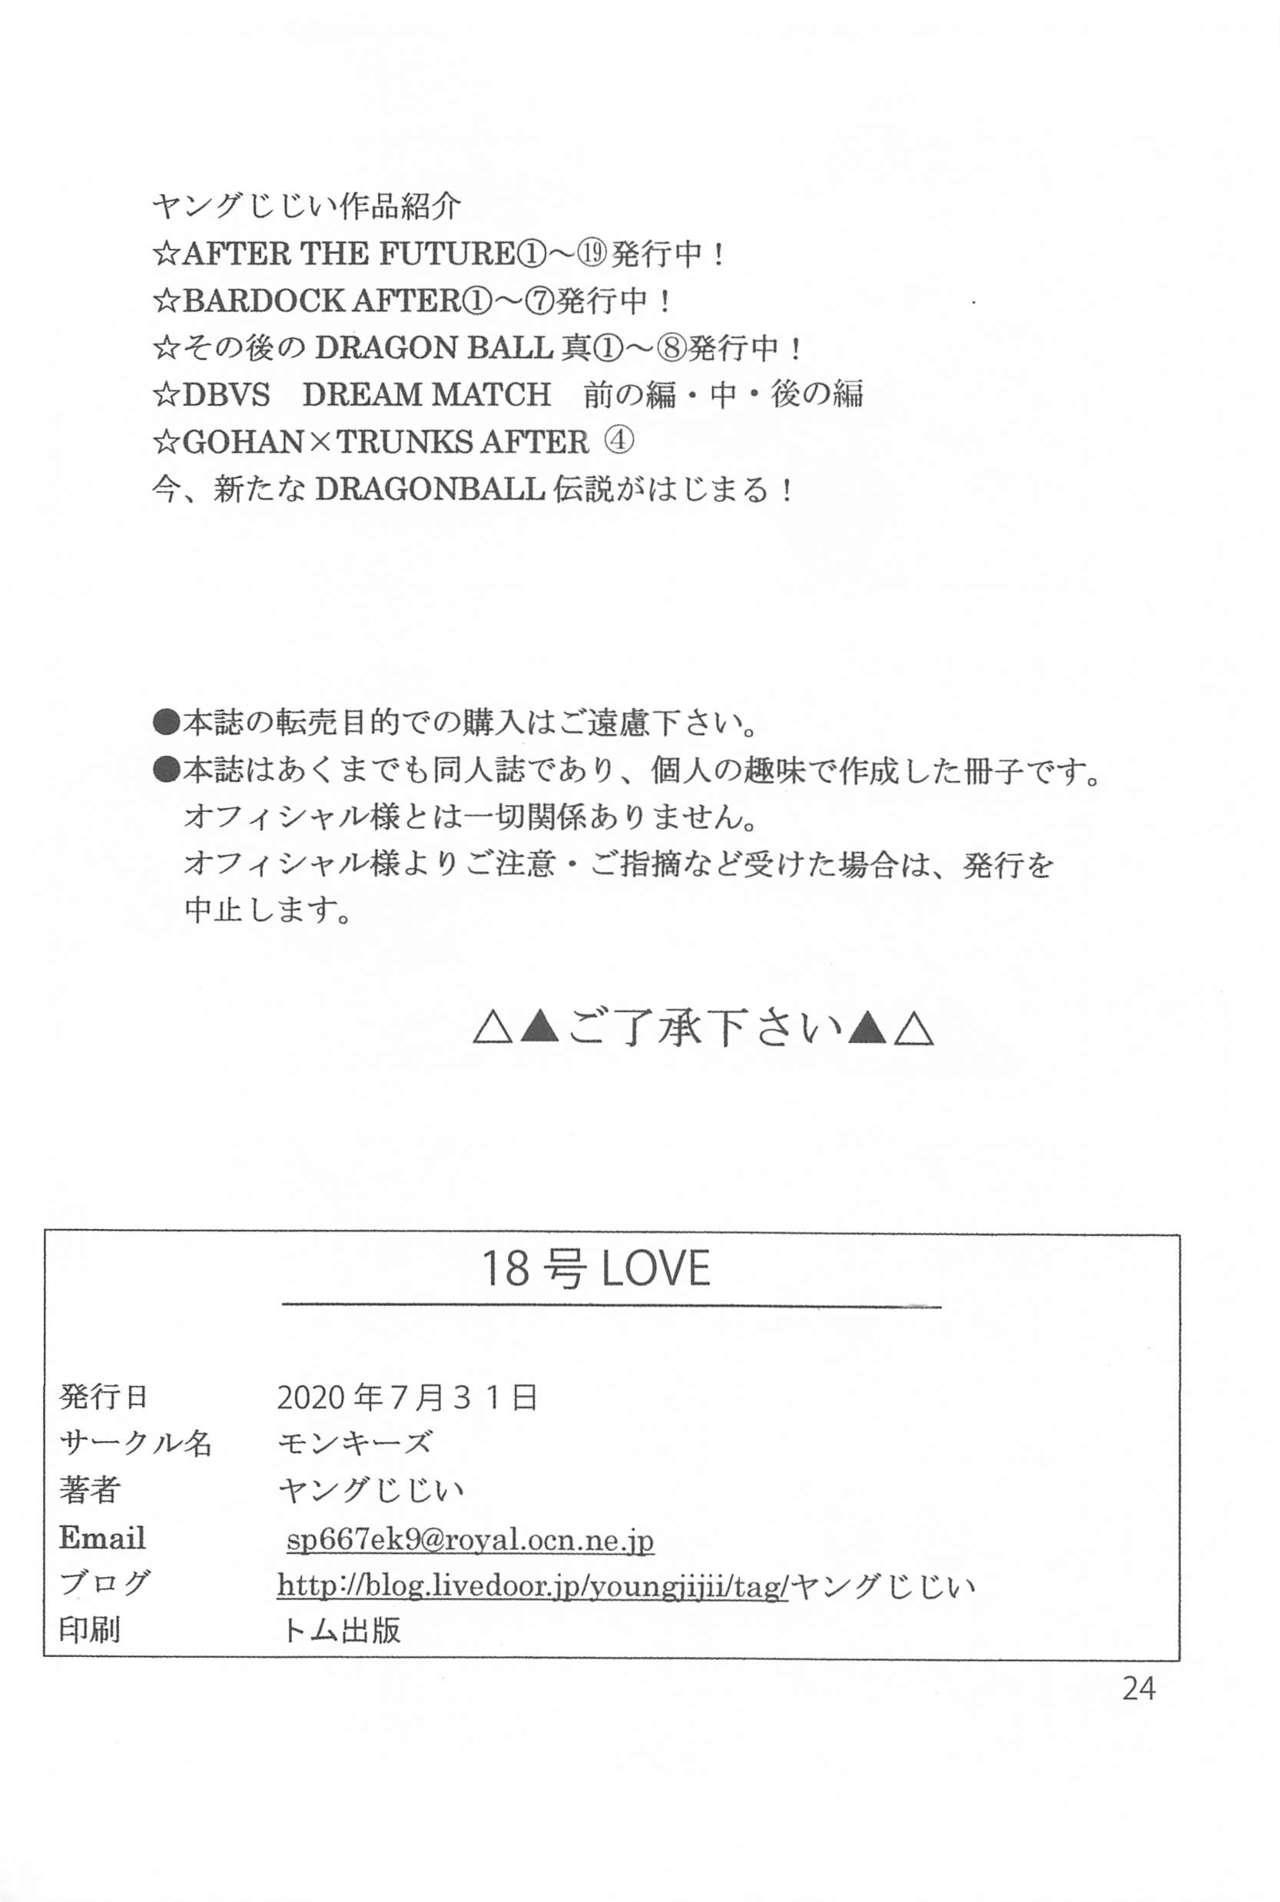 18-gou LOVE 24